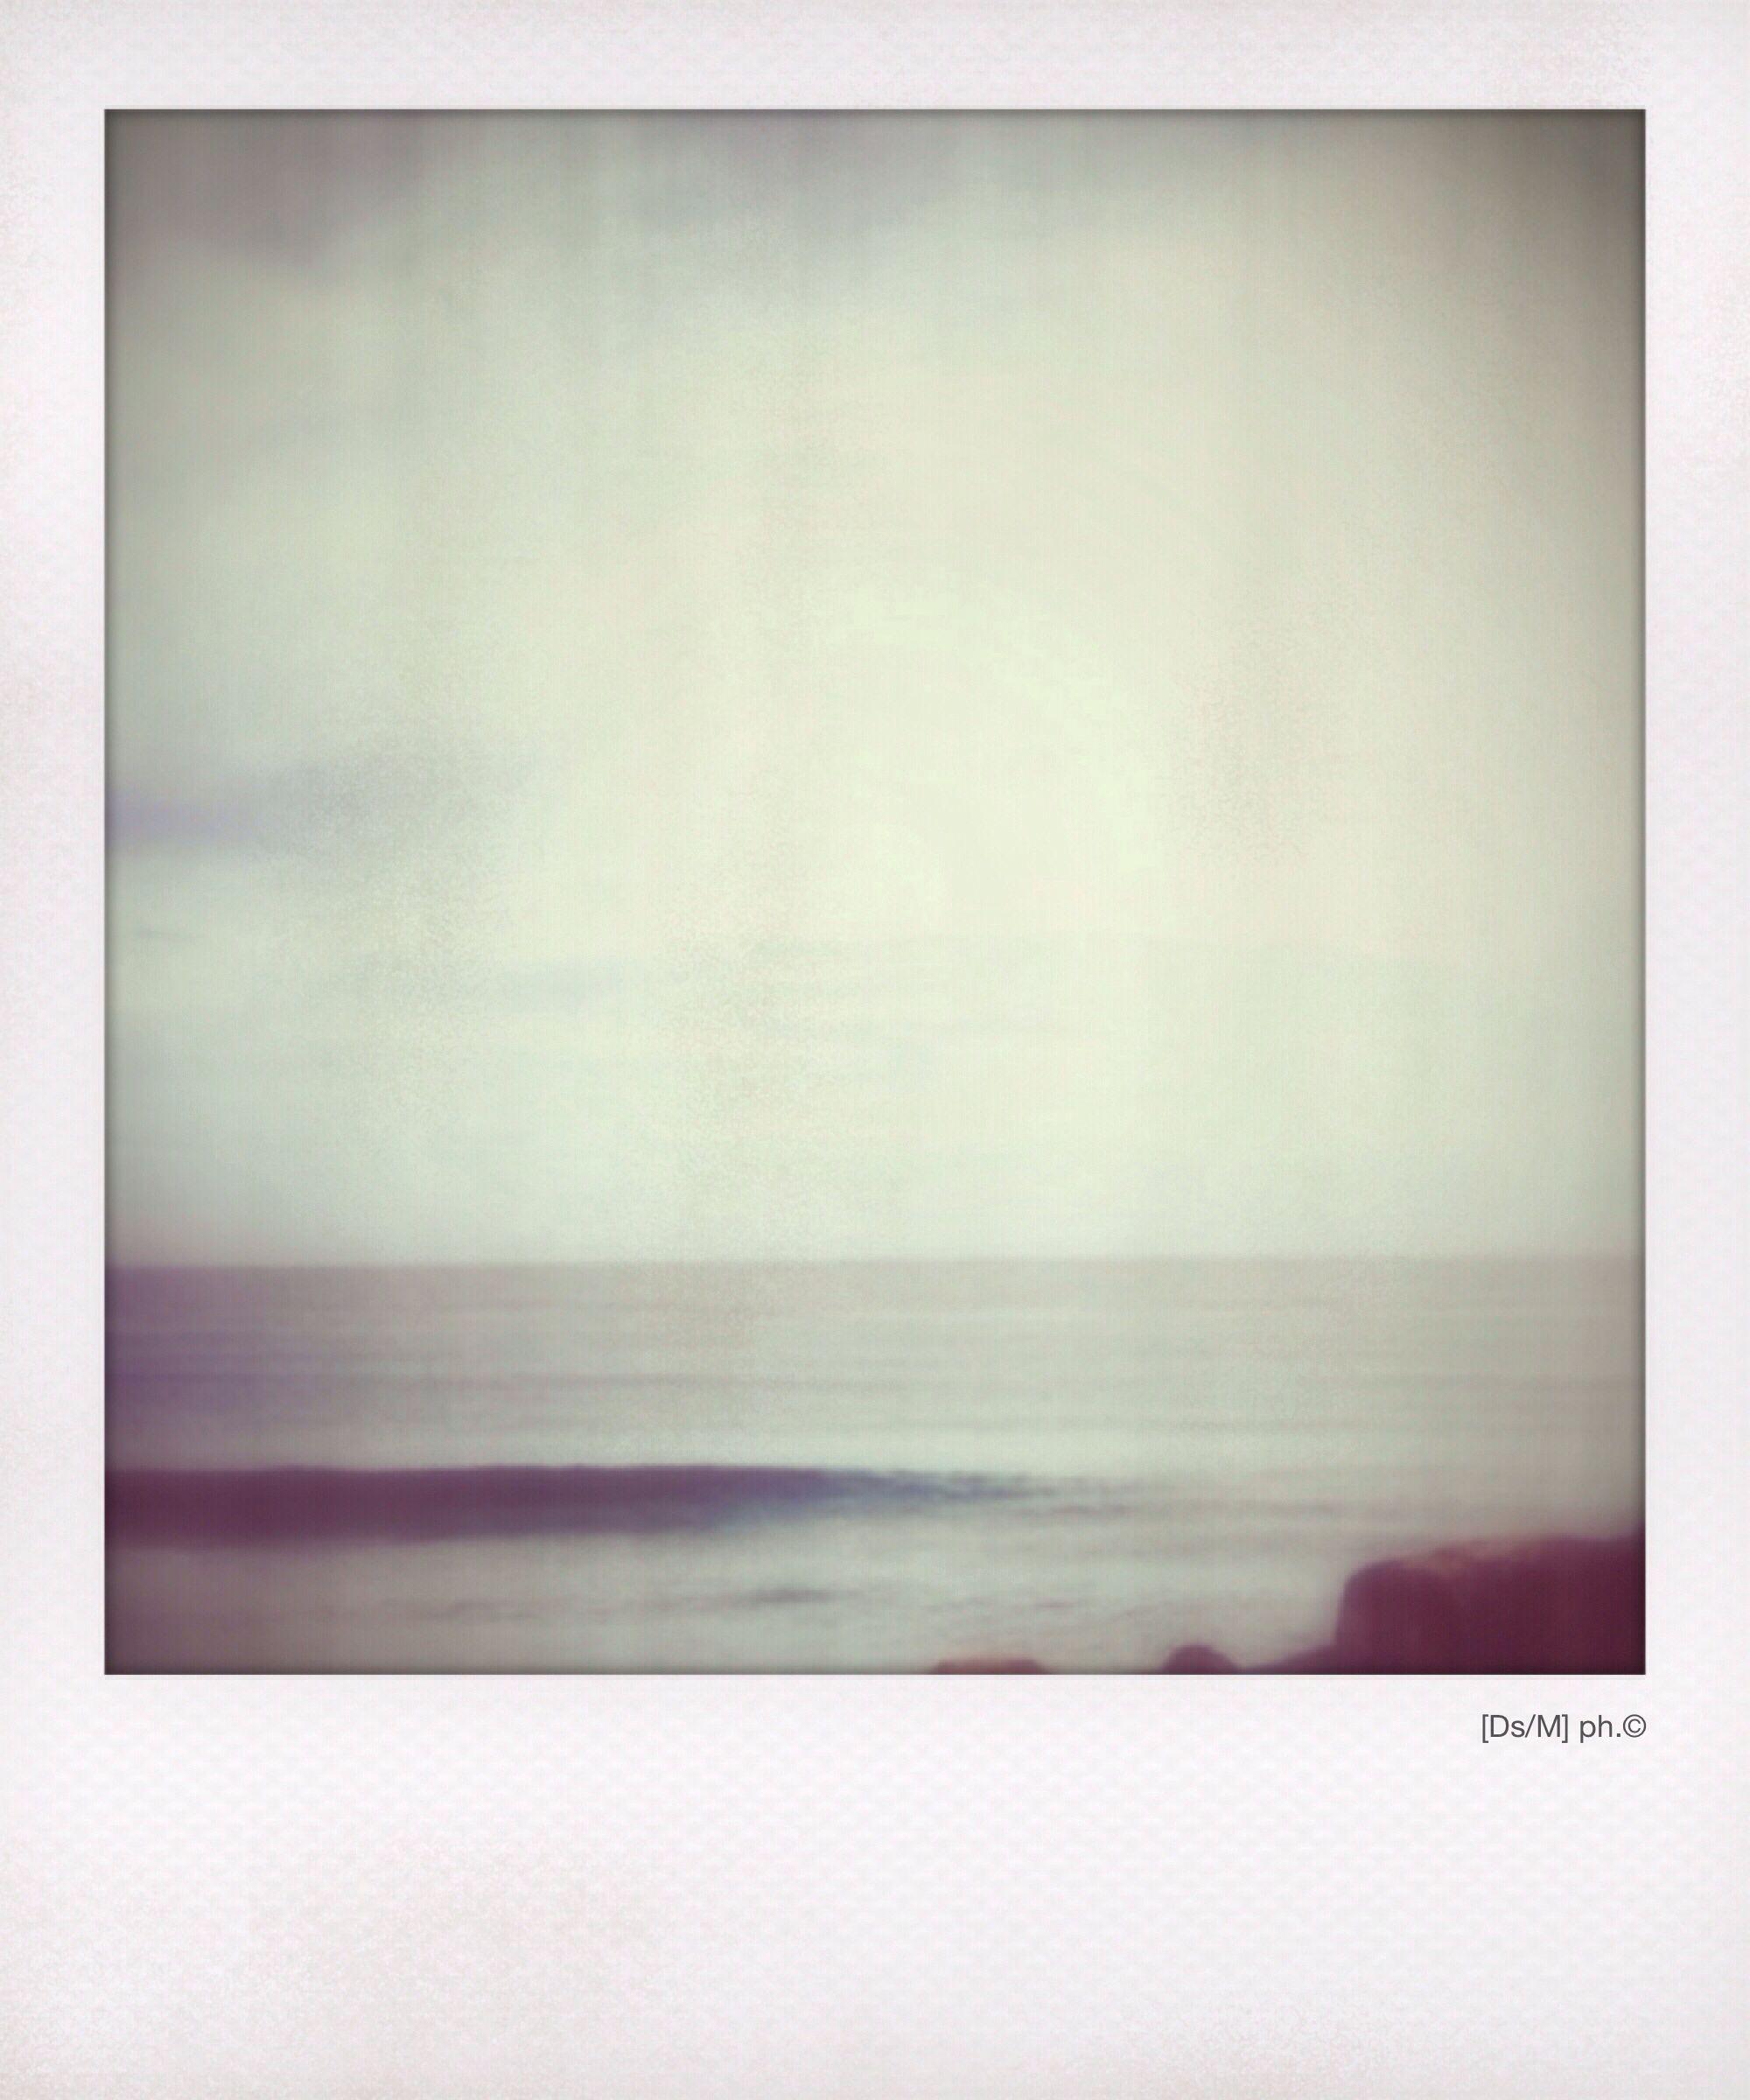 VIVERE DENTRO UN ALBA A volte mi piace annegare in un alba scura come il dolore, sento che mi appartiene, sci[vola], entra nelle vene in modo sub linguale, intrisa del peccato originale, o di un tuo respiro, di un tuo respiro, appeso, con le spine conficcate in chissà quali memorie, silenzio, perché di voce si può anche morire. http://paralleluniverseinpolaroid.wordpress.com